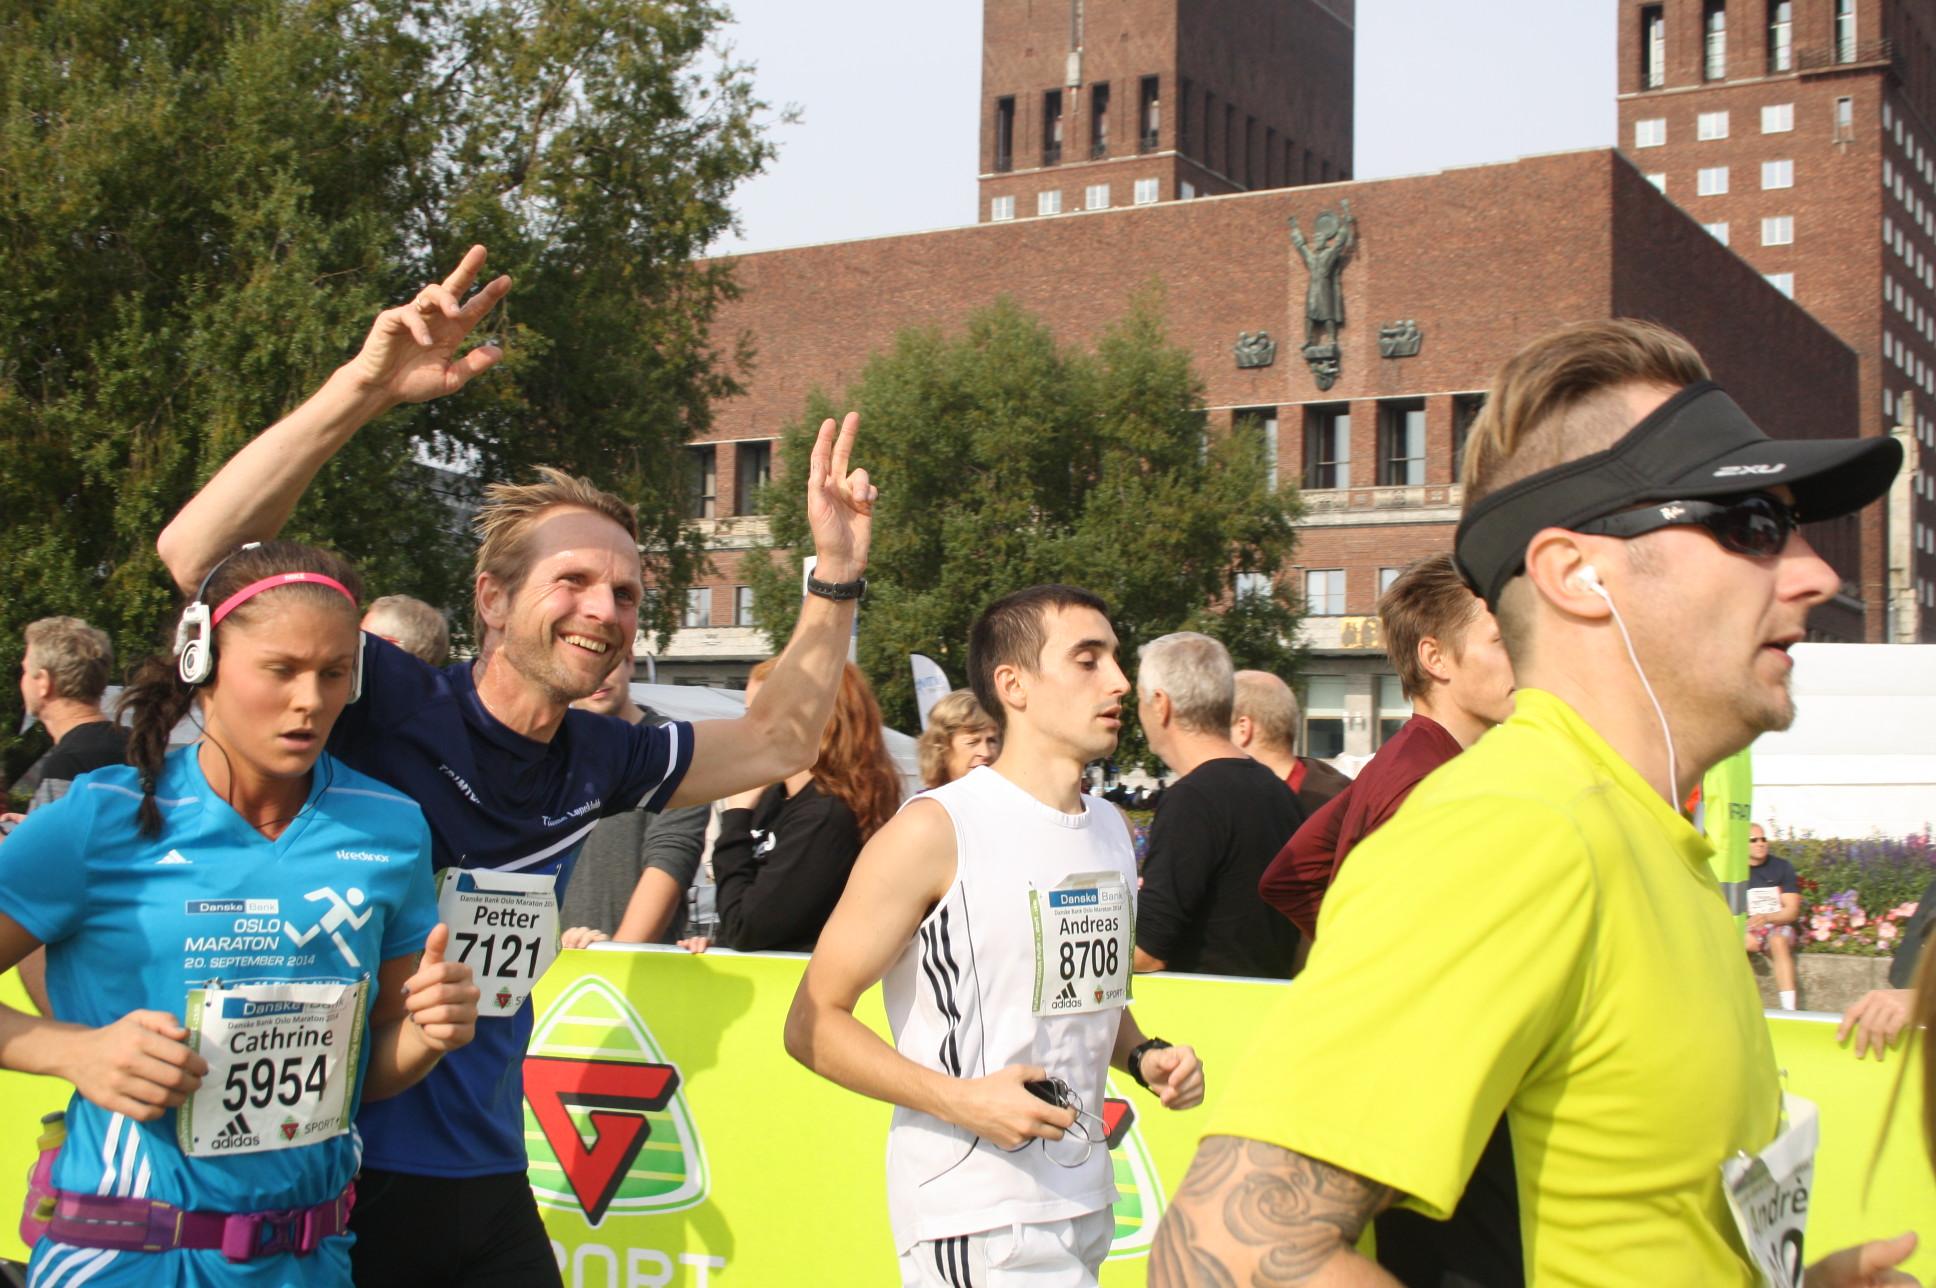 Flott innsats av TLK i Oslo Maraton